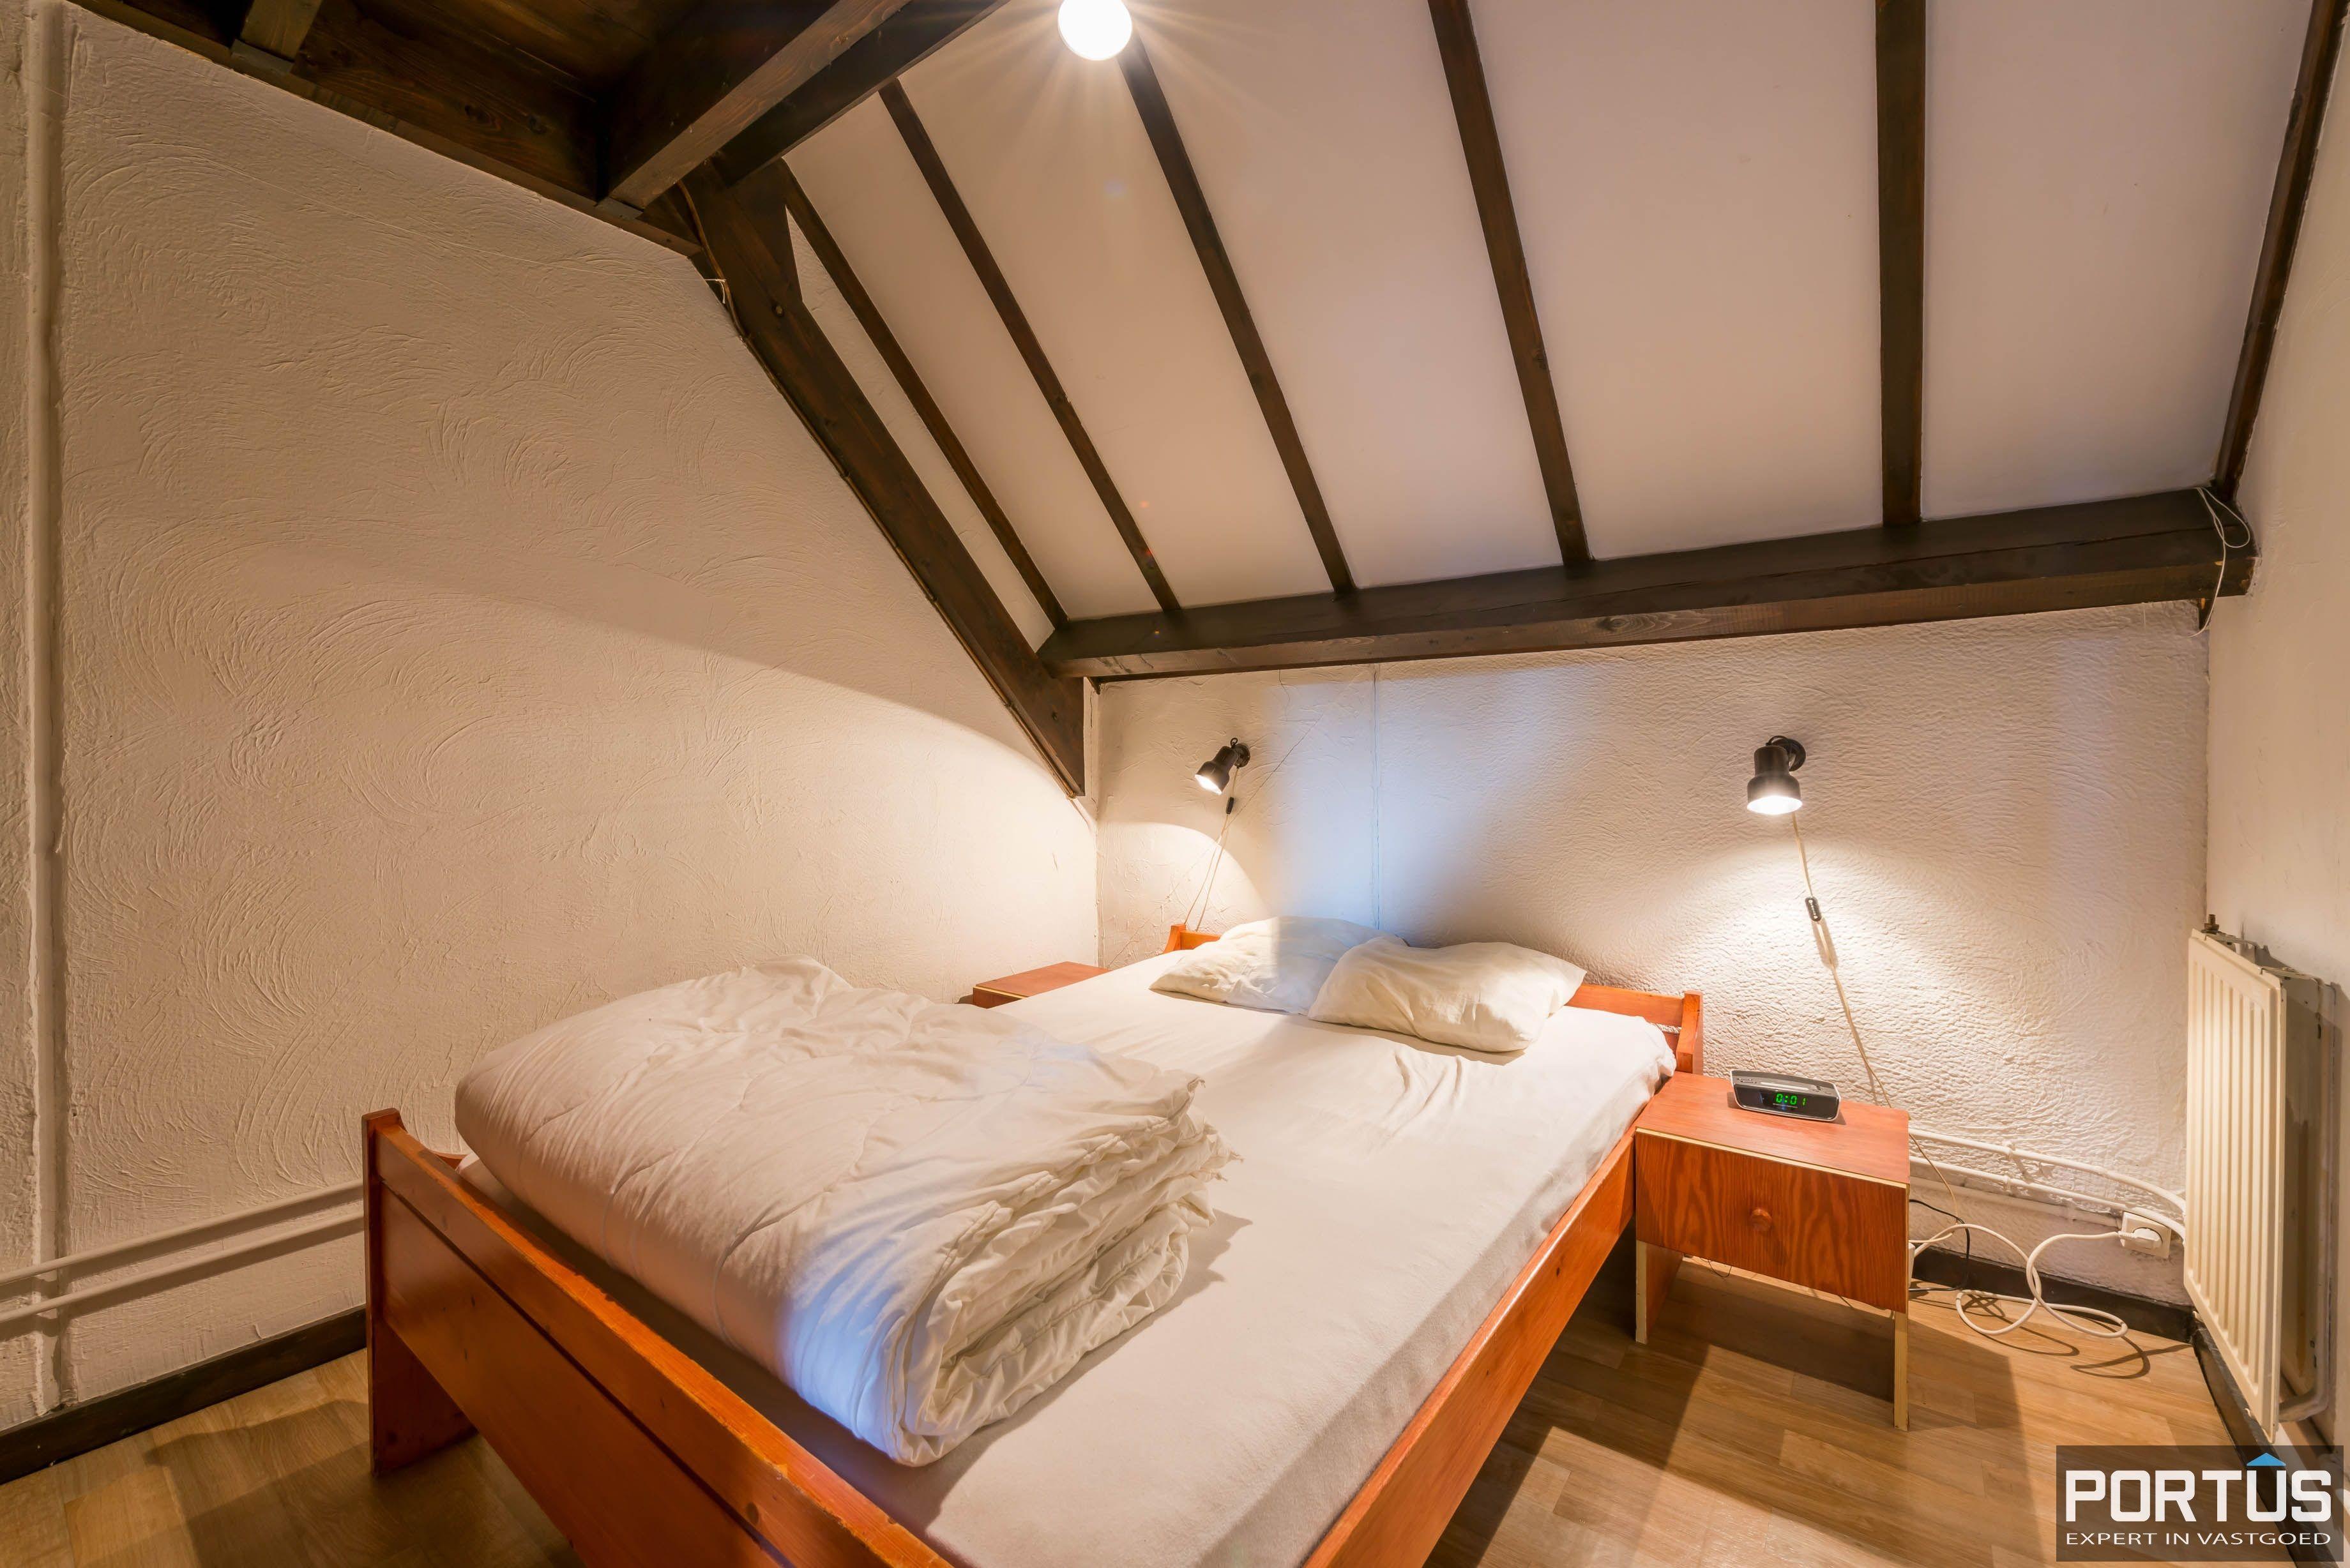 Woning te koop Nieuwpoort 4 slaapkamers en parking - 5589